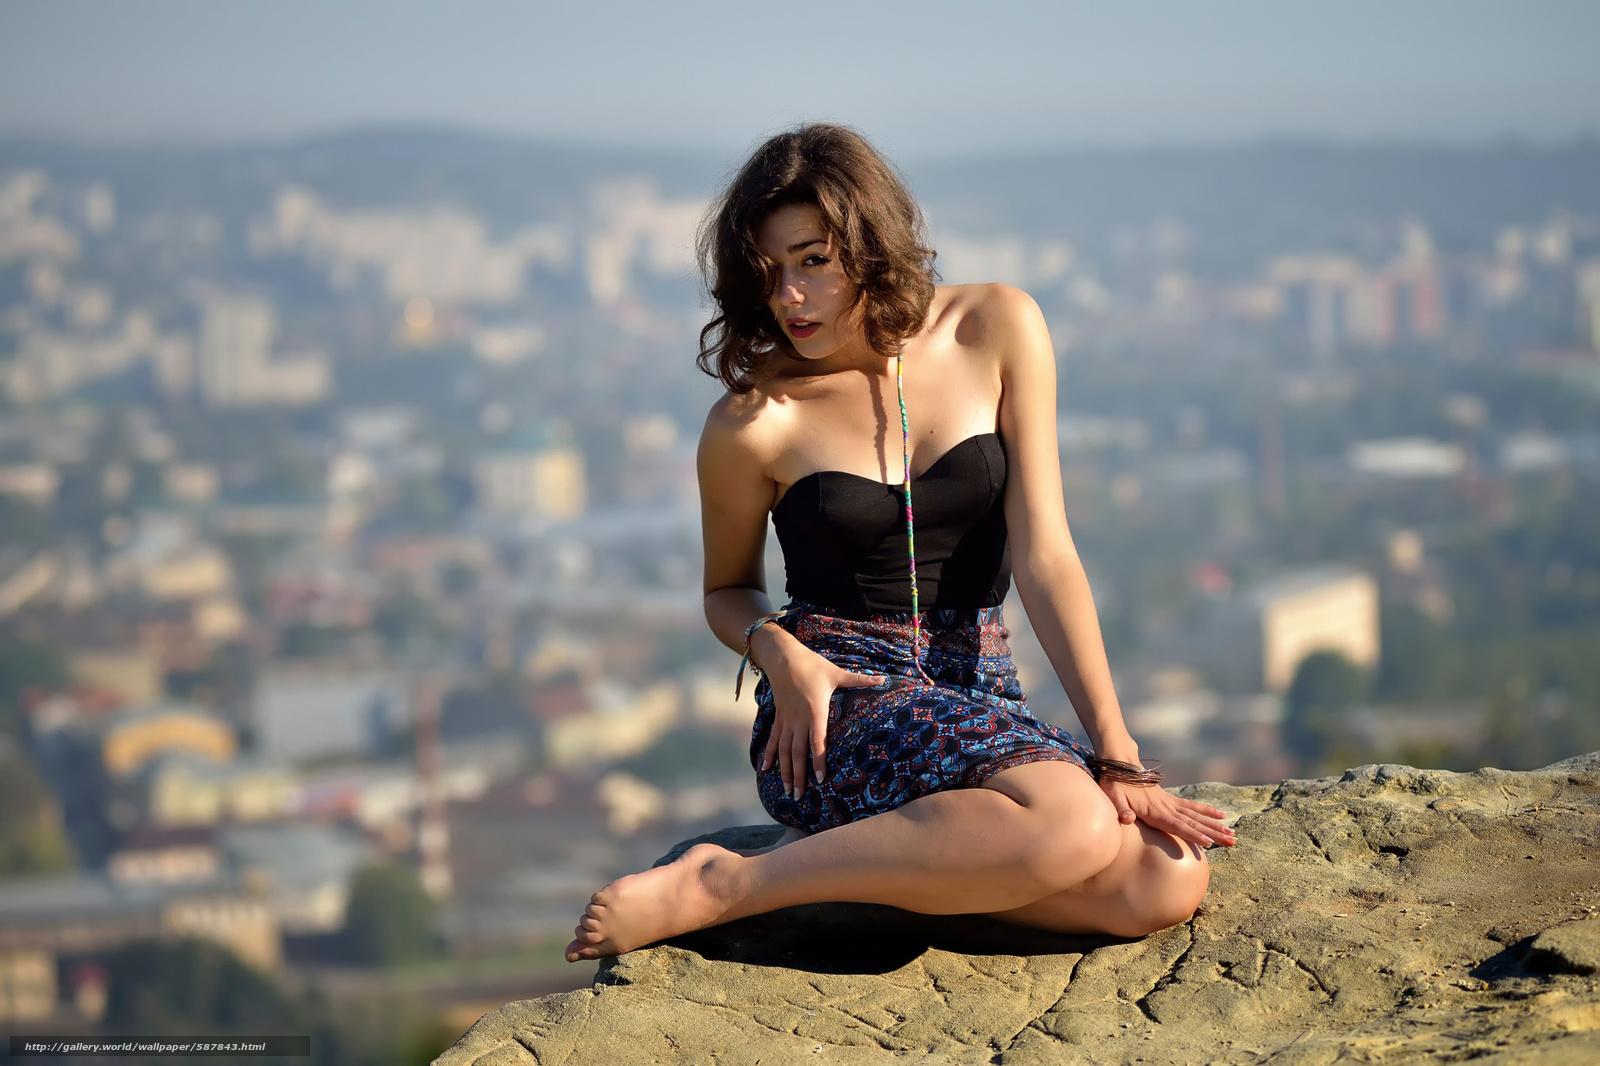 Фото когда девушка сидит на камне